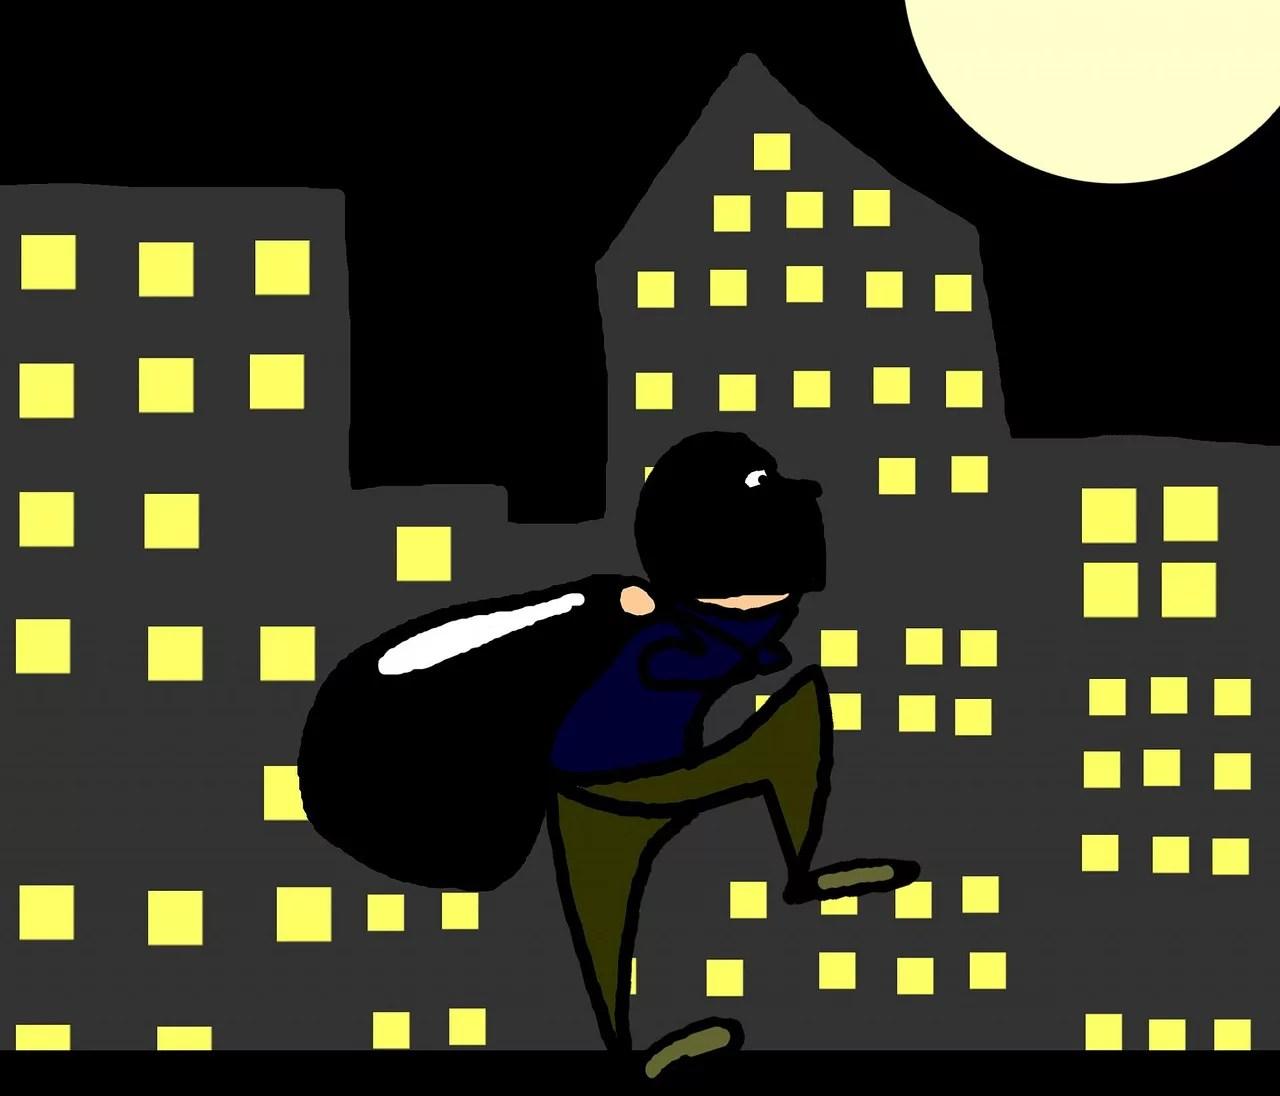 グローの盗難の犯人